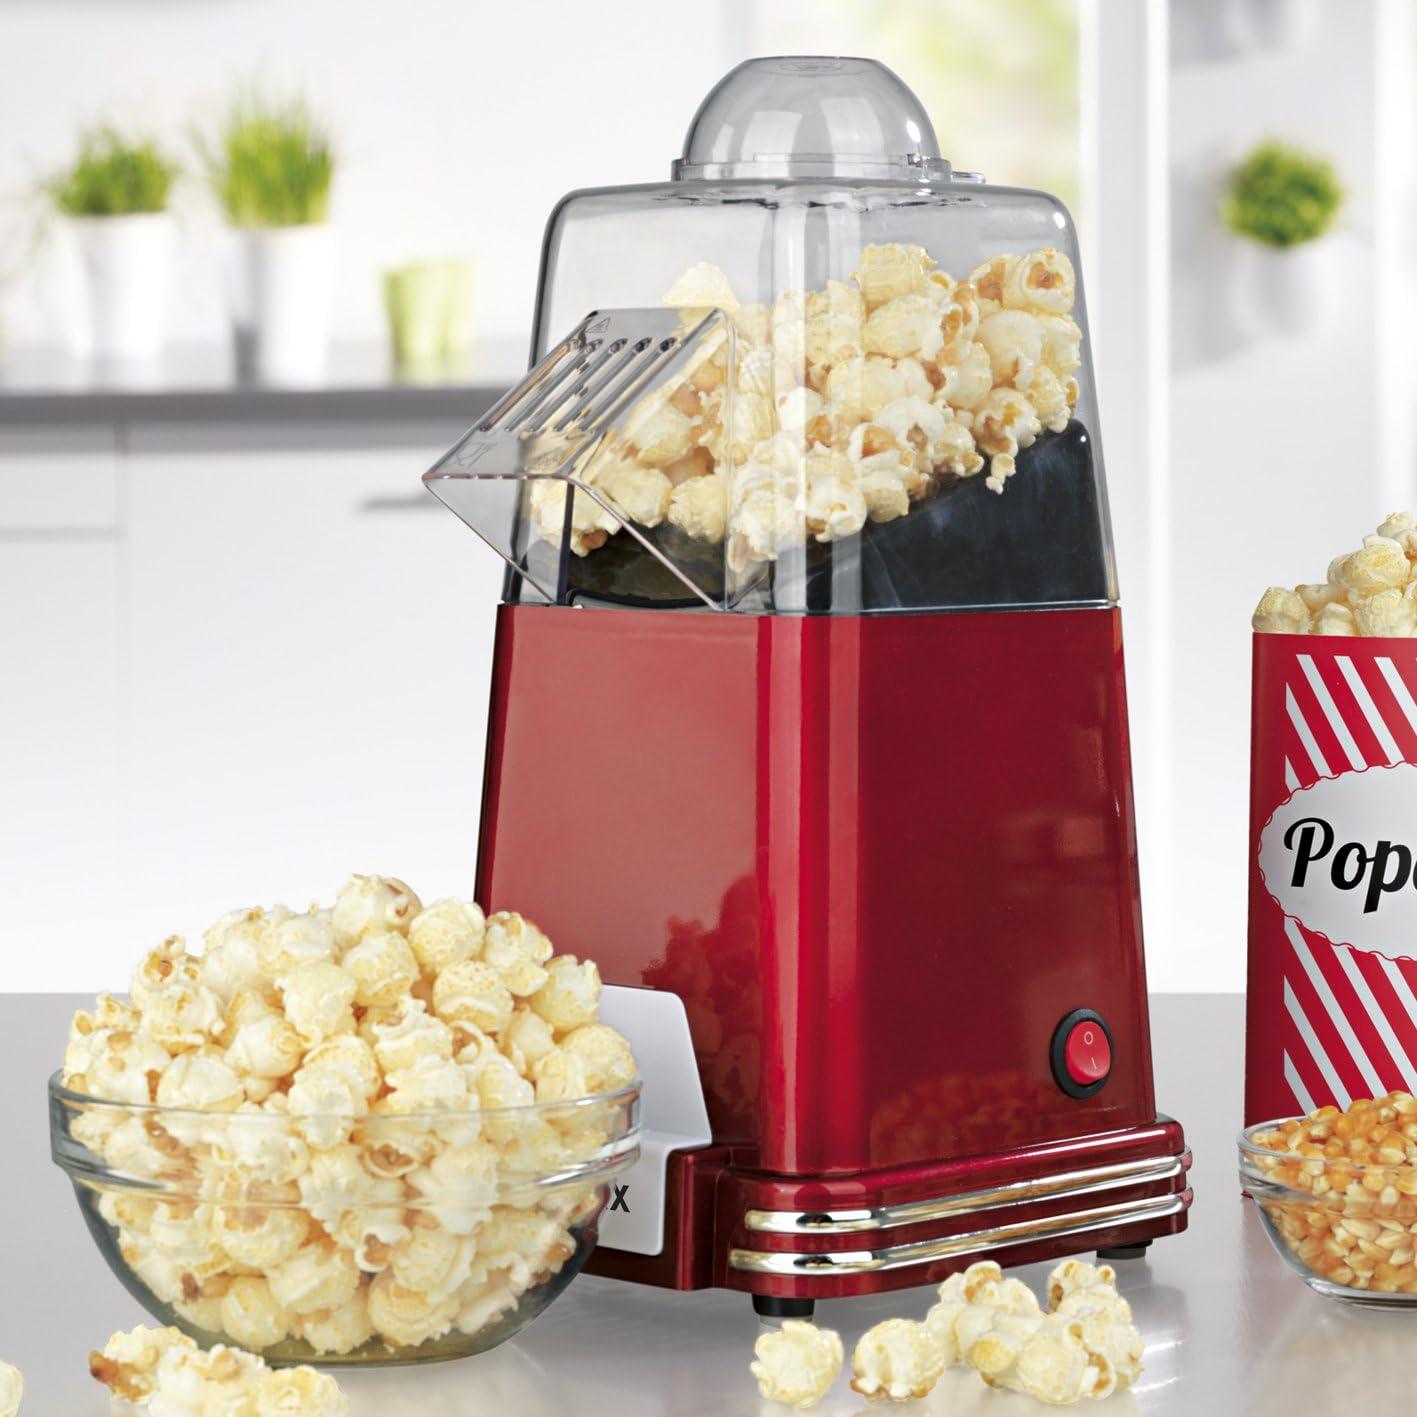 Gourmet Maxx cafetera Popcorn 1100 W en diseño retro nostalgia (Préparation par circulación del aire caliente – sin aceite, extra rápido en, Solo 2 – 4 minutos, AU CHOIX Popcorn sucré o Salé): Amazon.es: Hogar